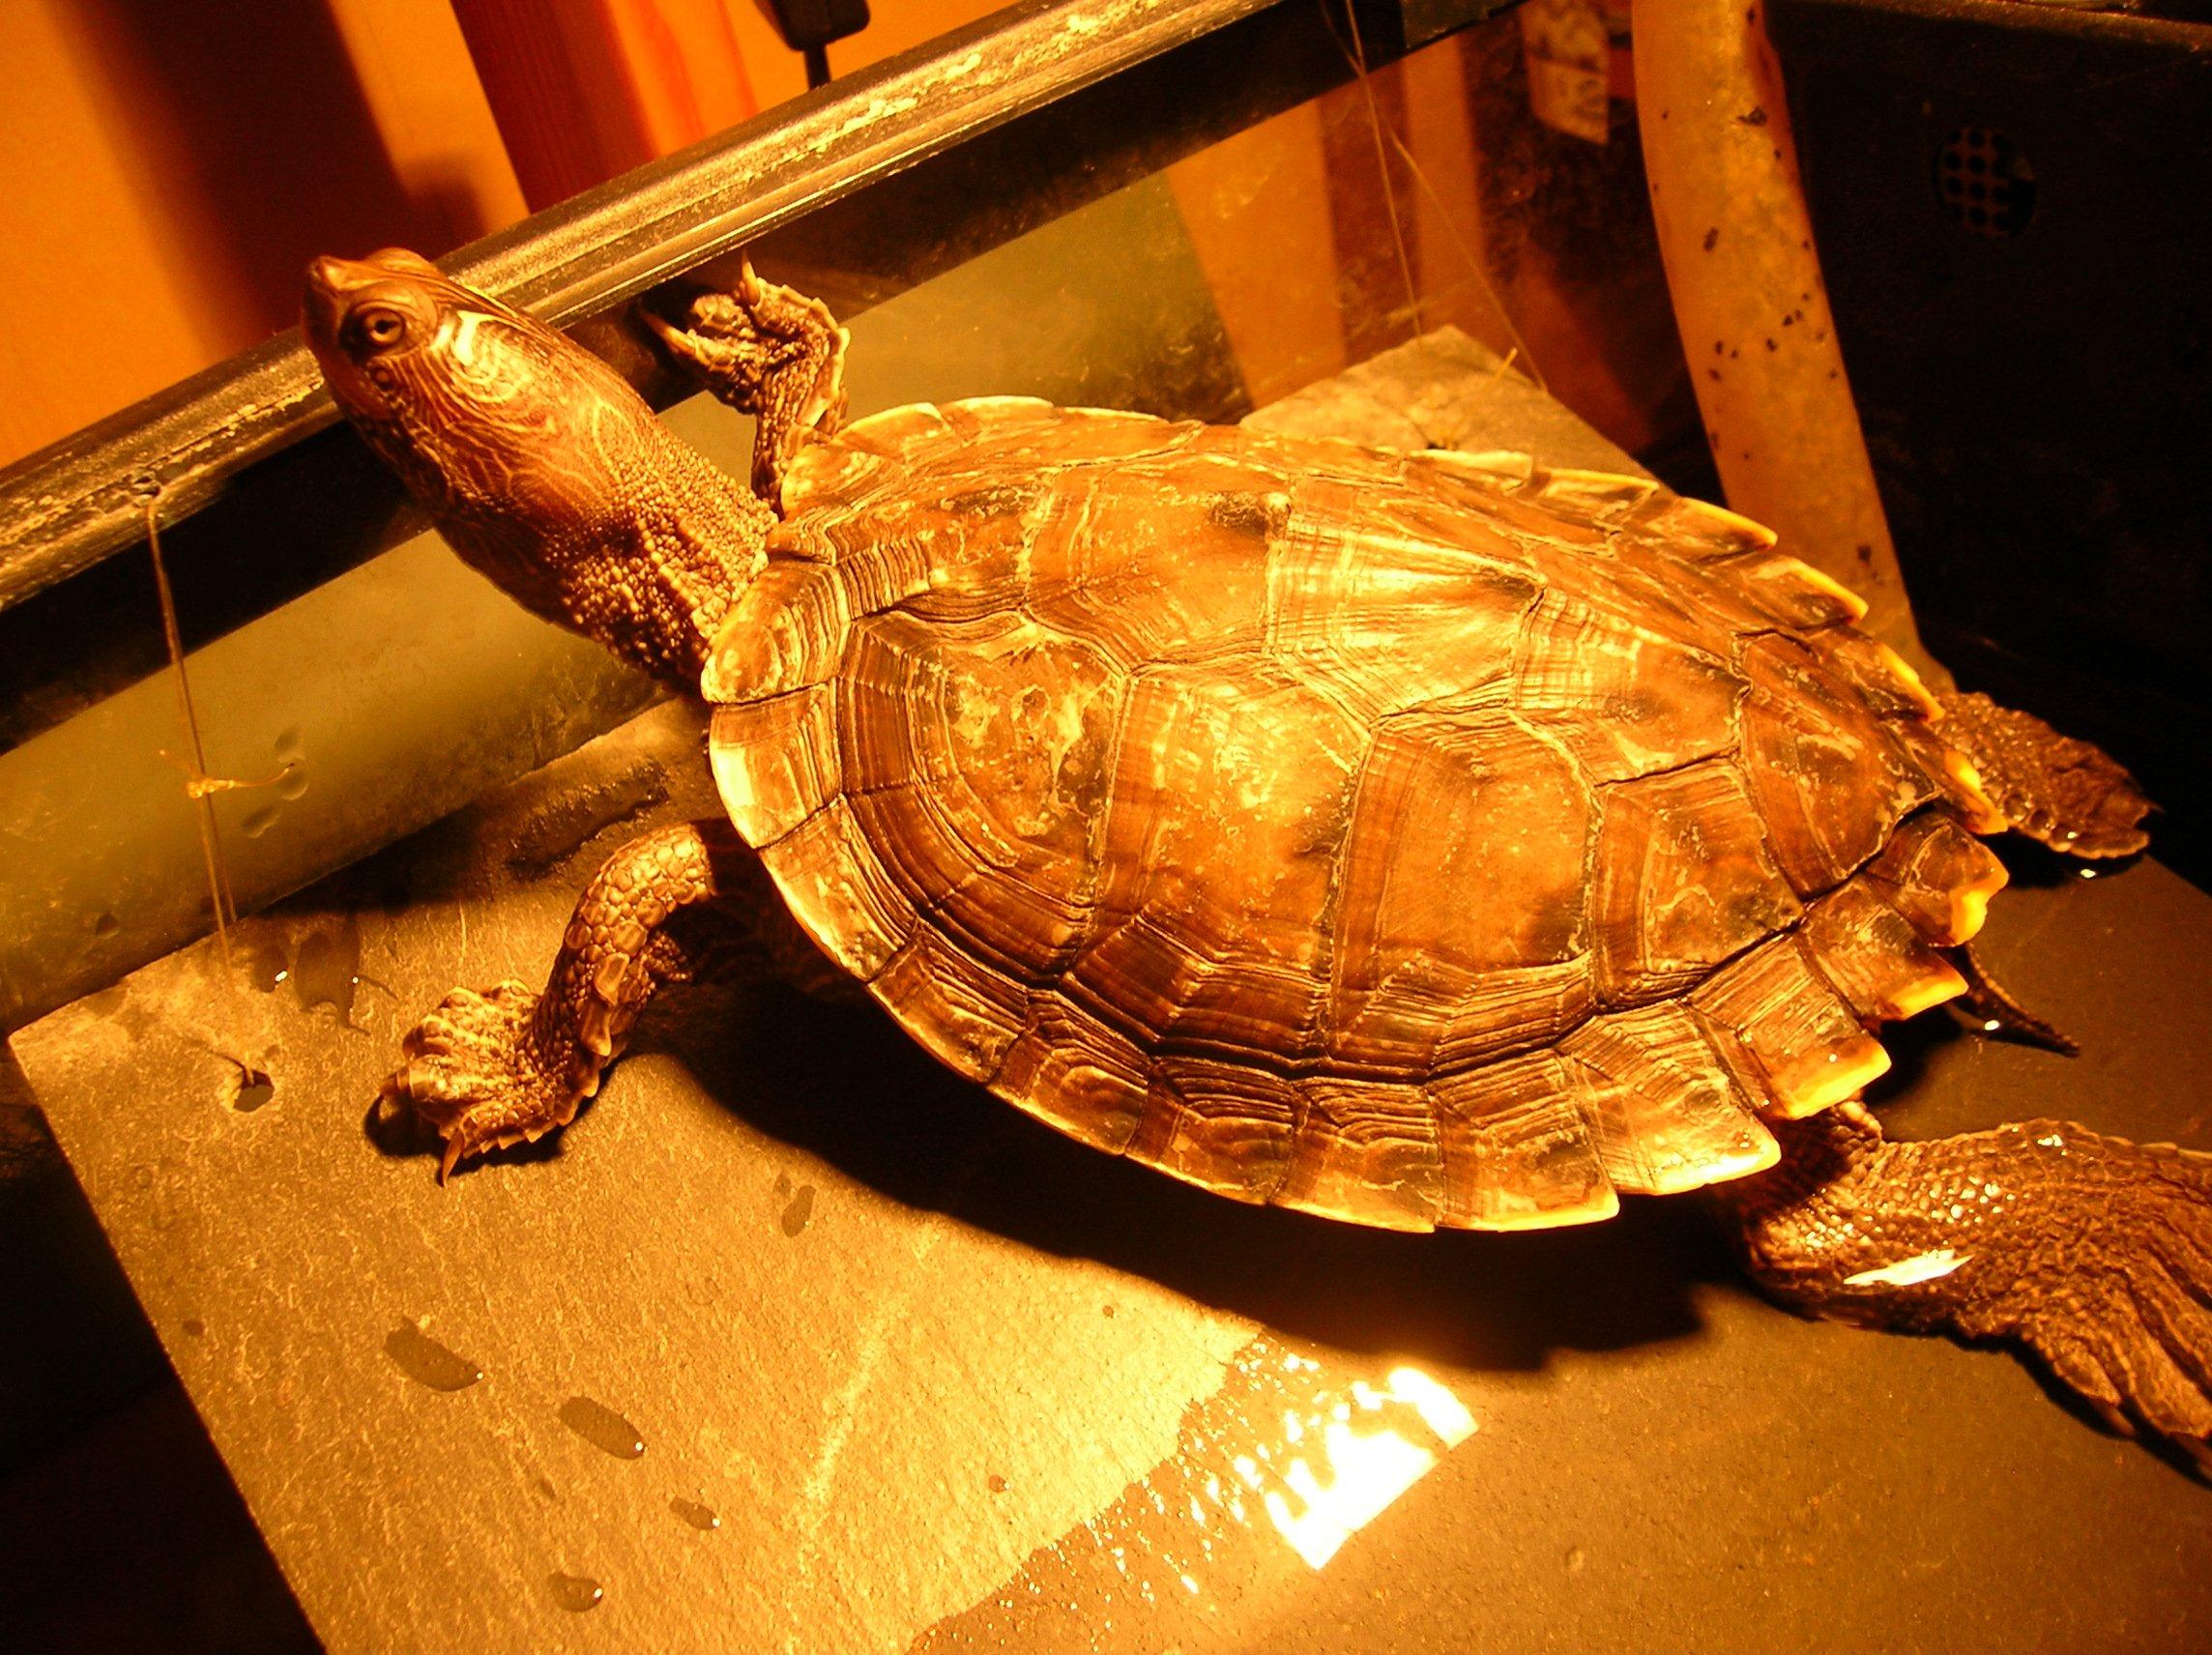 aquariums poissons et tortues d eau douce les tortues d eau. Black Bedroom Furniture Sets. Home Design Ideas